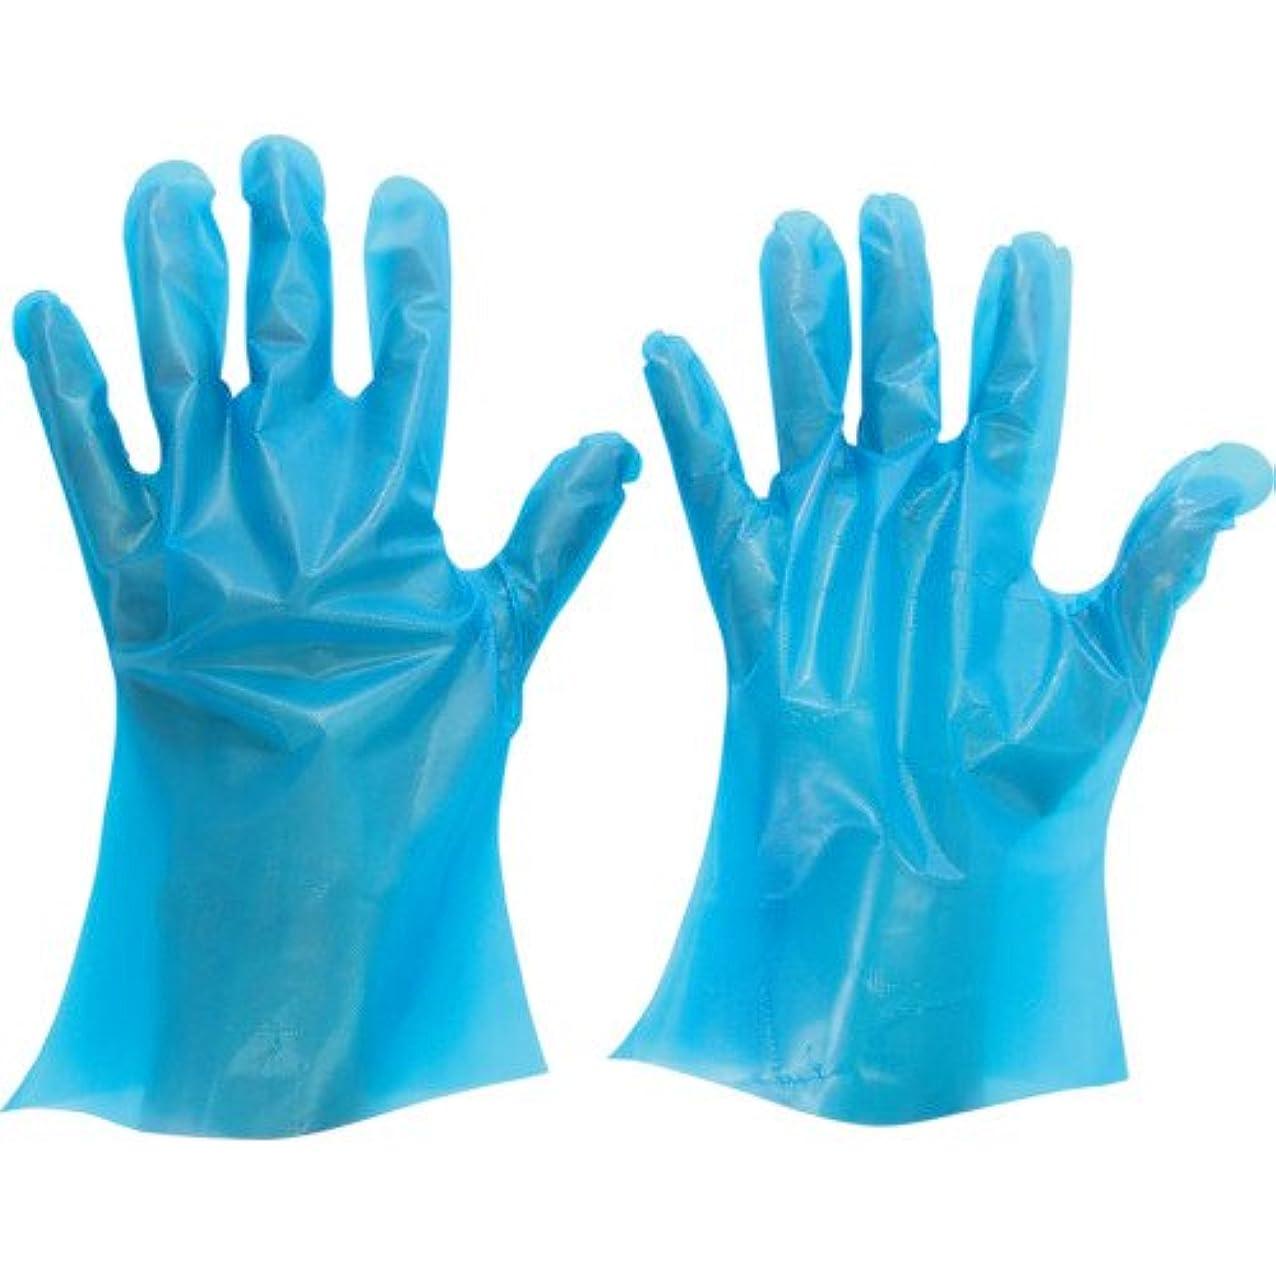 経済拒否フェッチミドリ安全 ポリエチレン使い捨て手袋 厚手 外エンボス 200枚入 青 SS VERTE566NSS